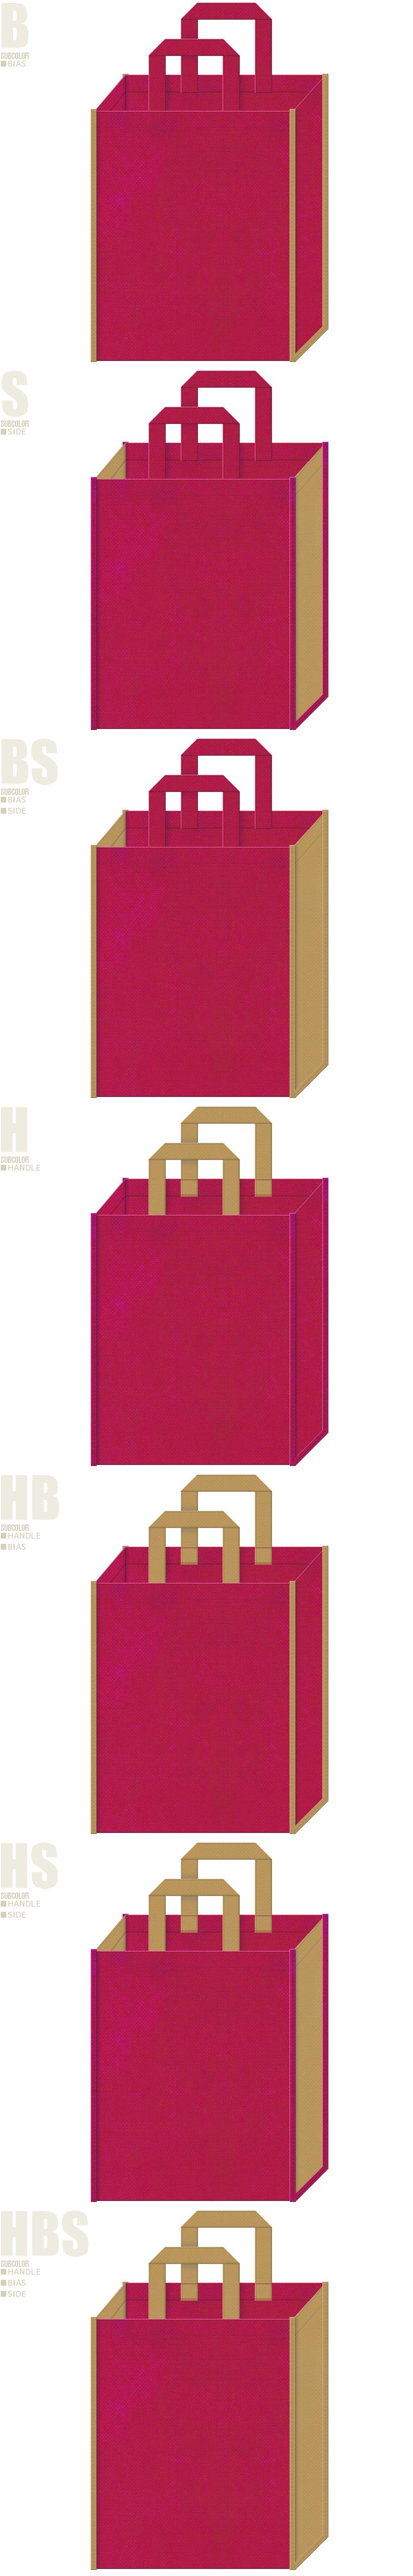 ハワイアン・南国・トロピカル・トラベルバッグ・リゾート・トラベルバッグにお奨めの不織布バッグデザイン:濃いピンク色と金黄土色の配色7パターン